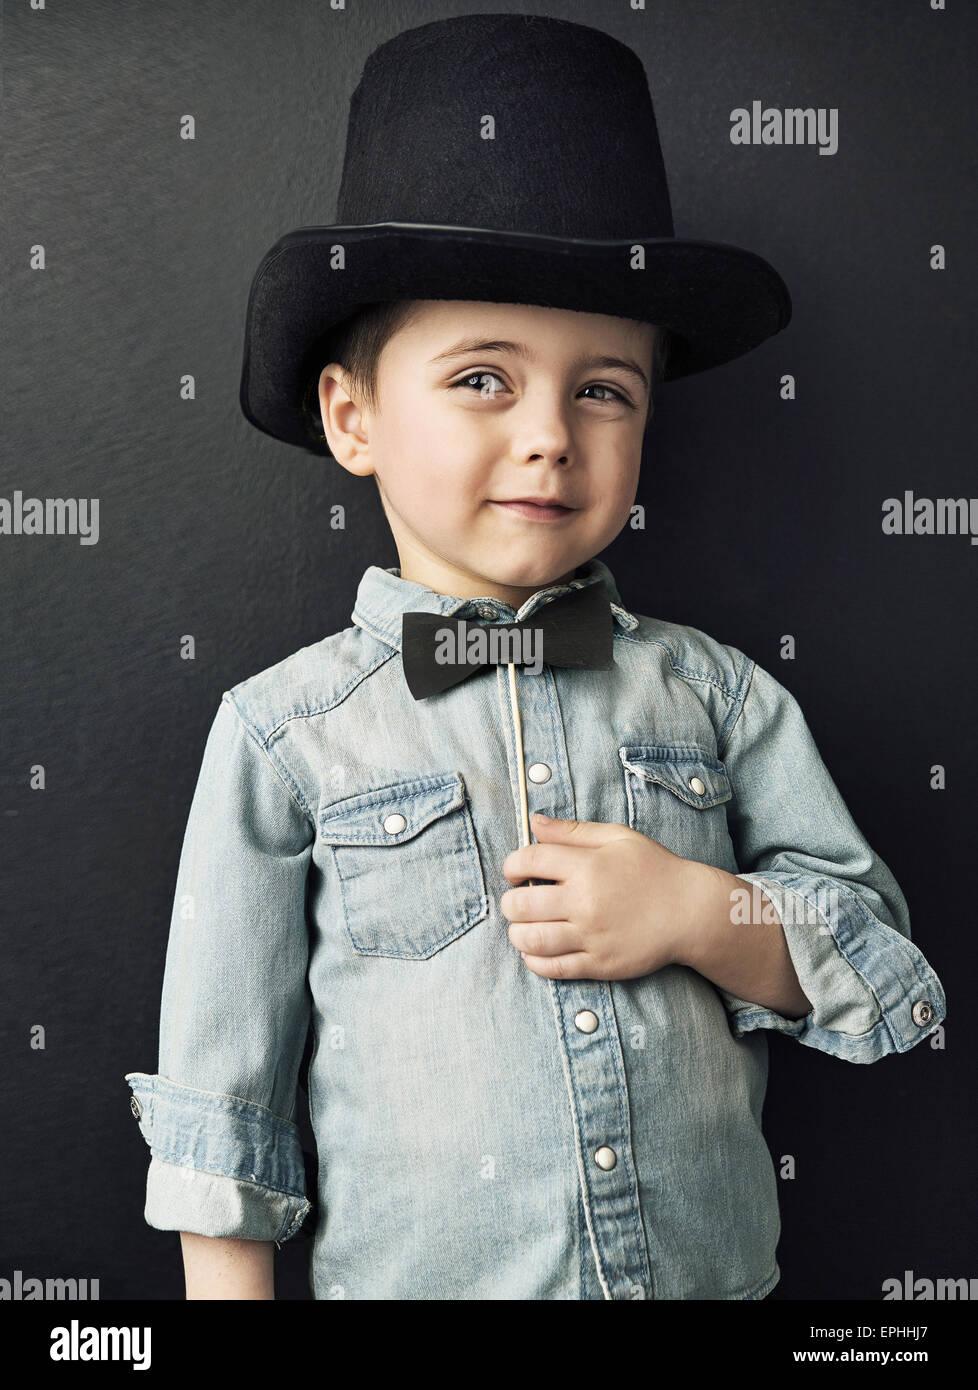 Vintage-Stil Bild eines niedlichen kleinen Jungen Stockbild